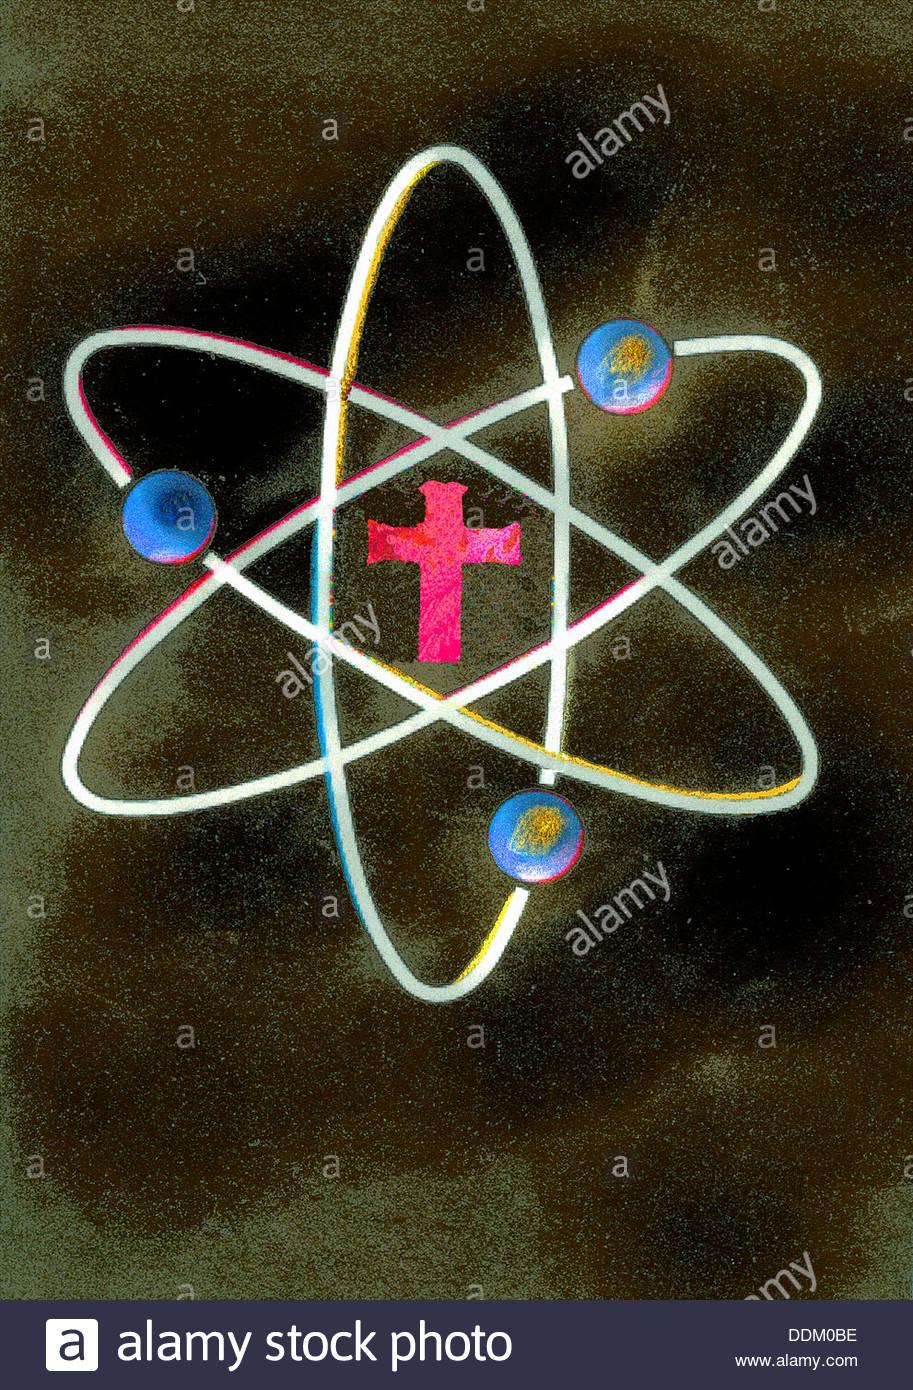 Croce al centro del simbolo di atomo Immagini Stock